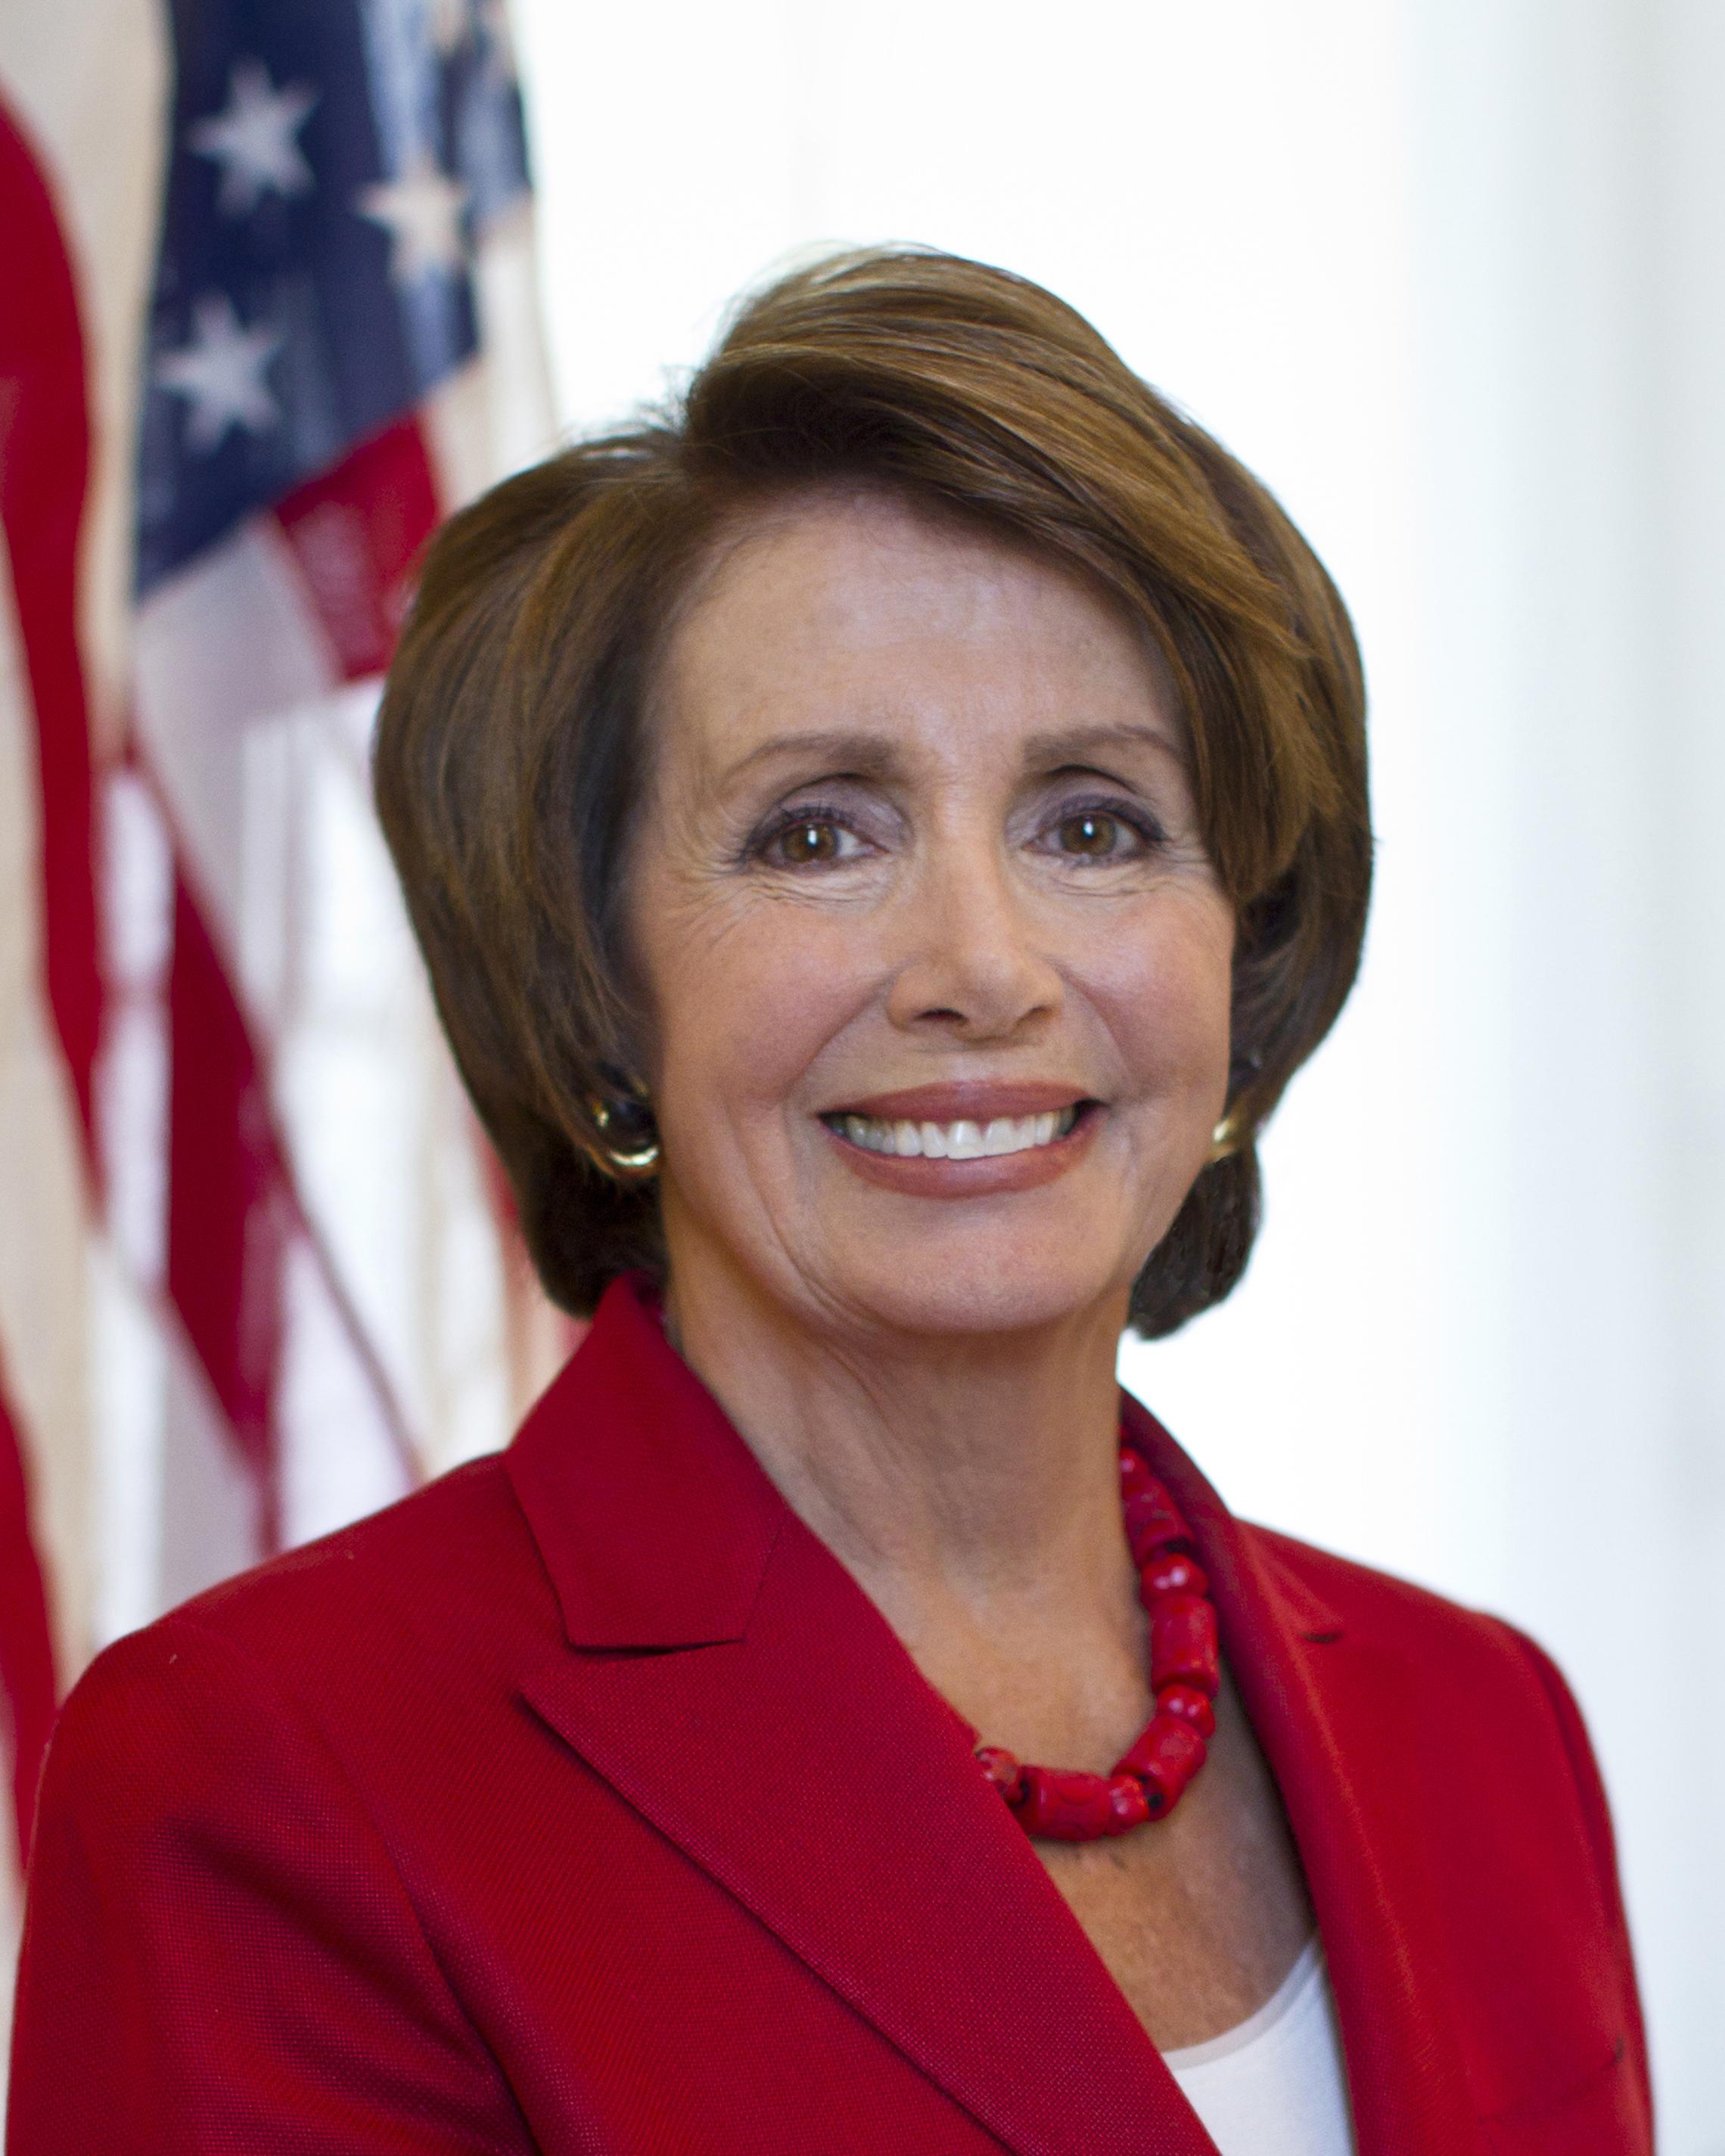 """La líder demócrata Pelosi rechaza pagar muro a cambio de ayudar a """"dreamers"""""""